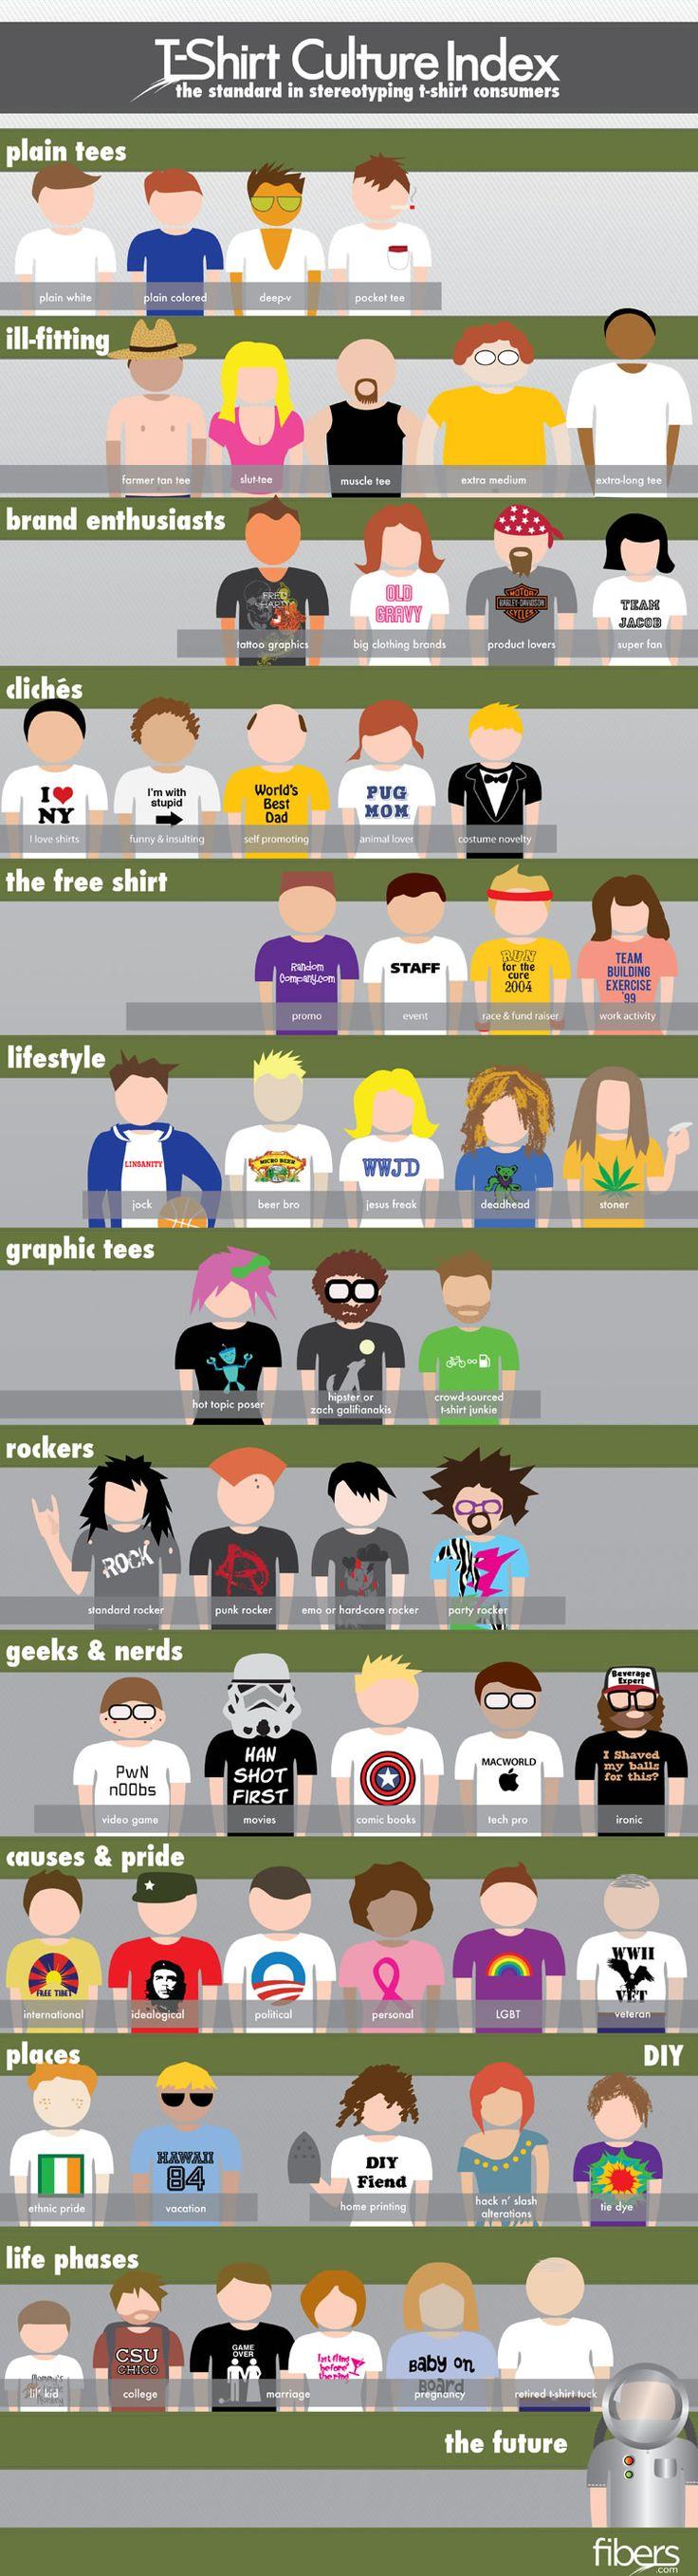 T Shirts explained!